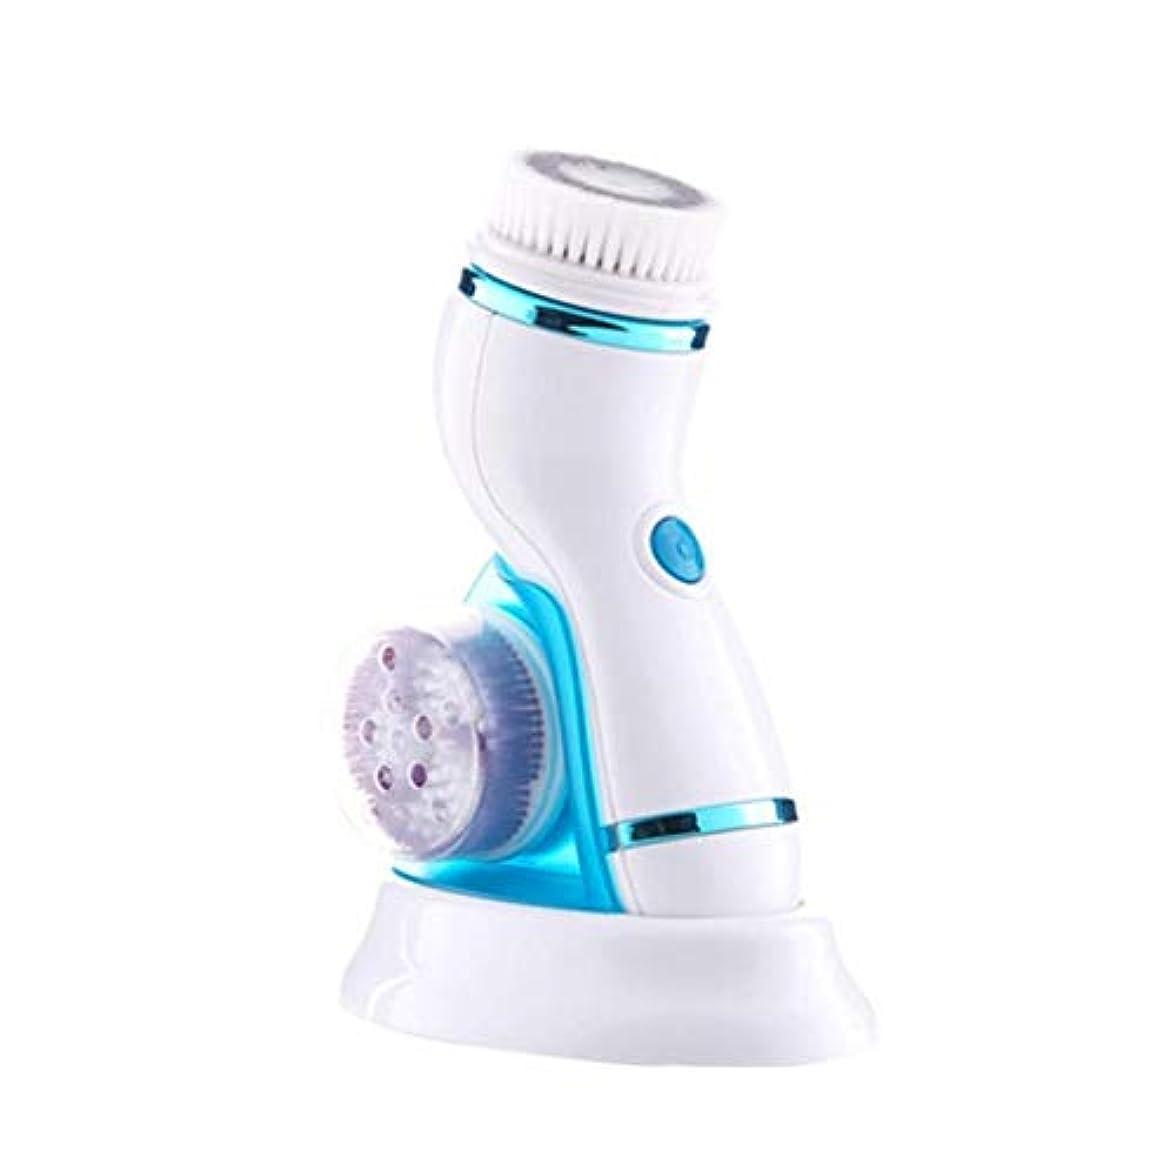 エレメンタル引き算長老1つの清潔になる器械、深く清潔になる顔のマッサージャー、再充電可能なUSBケーブル、防水多機能の美の器械に付き4つをきれいにして下さい